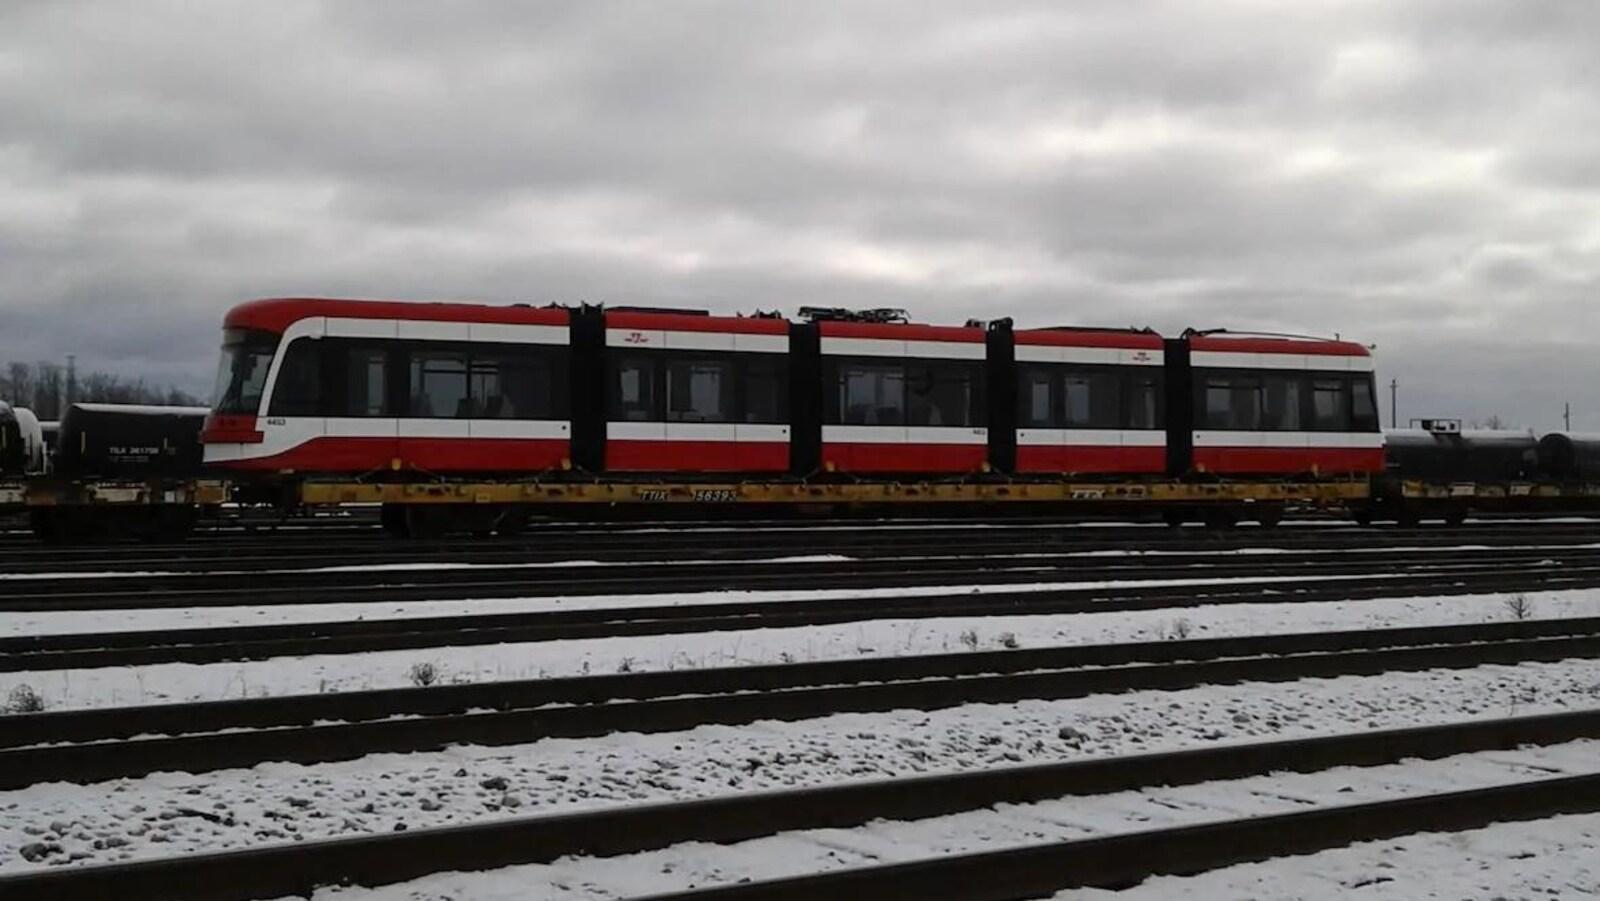 Un tramway chargé sur un train dans une gare de triage.